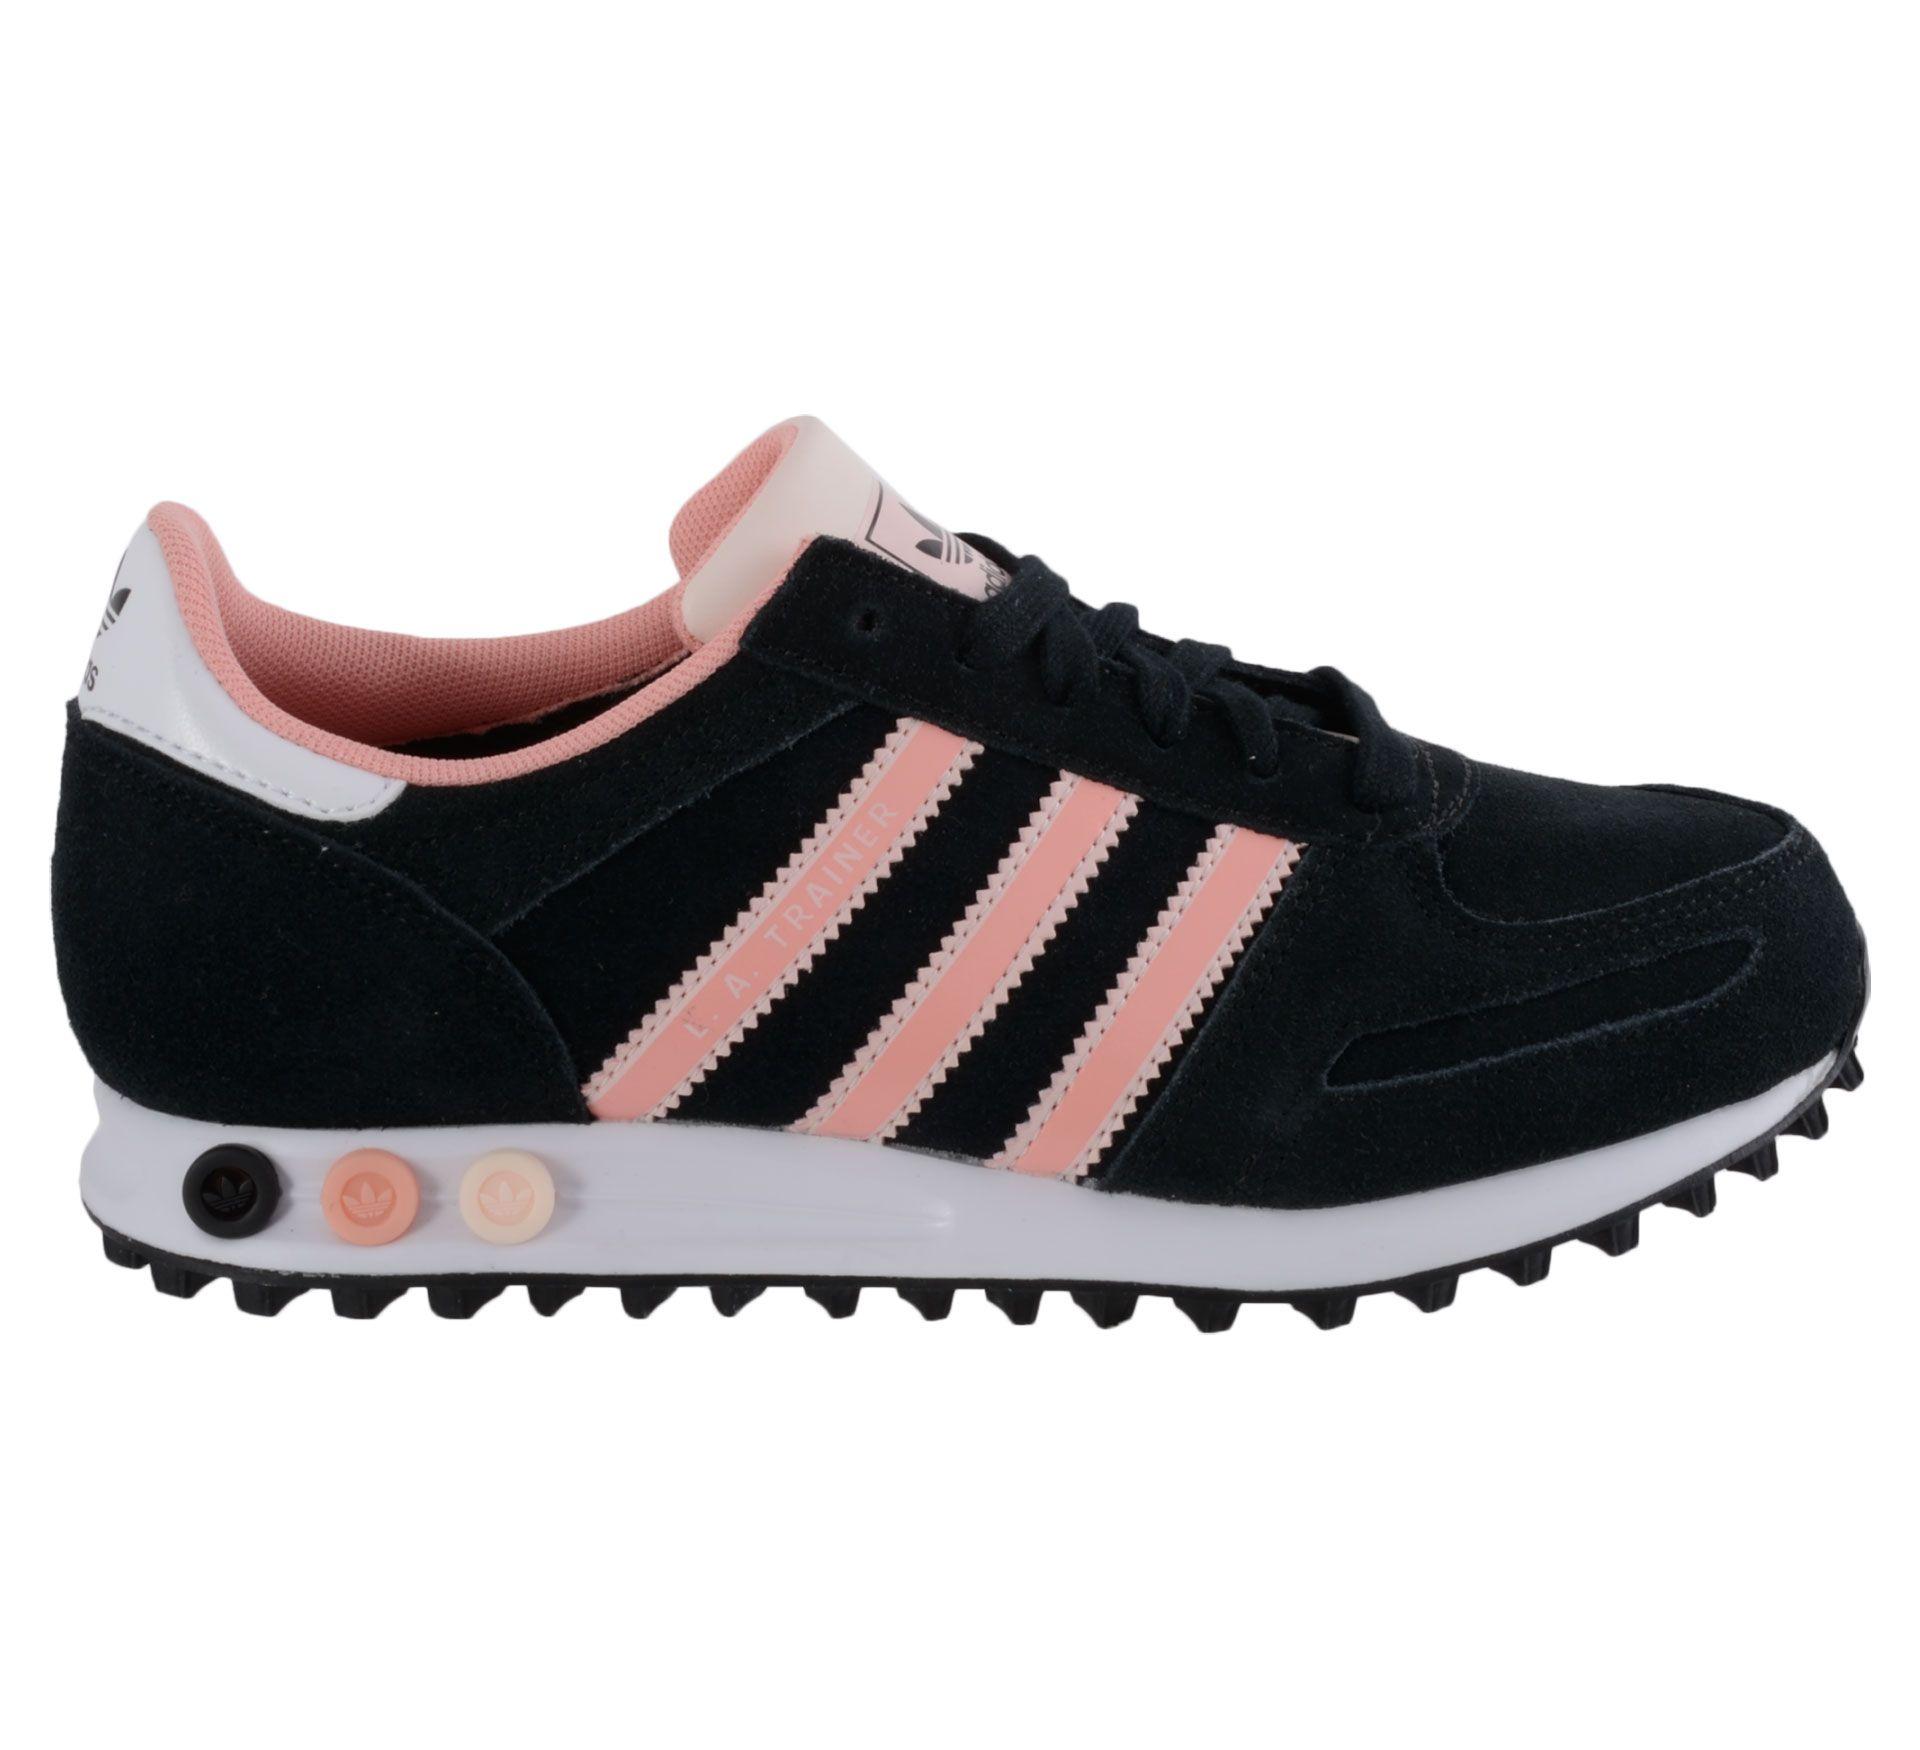 Adidas Sneakers Dames Zwart Met Roze